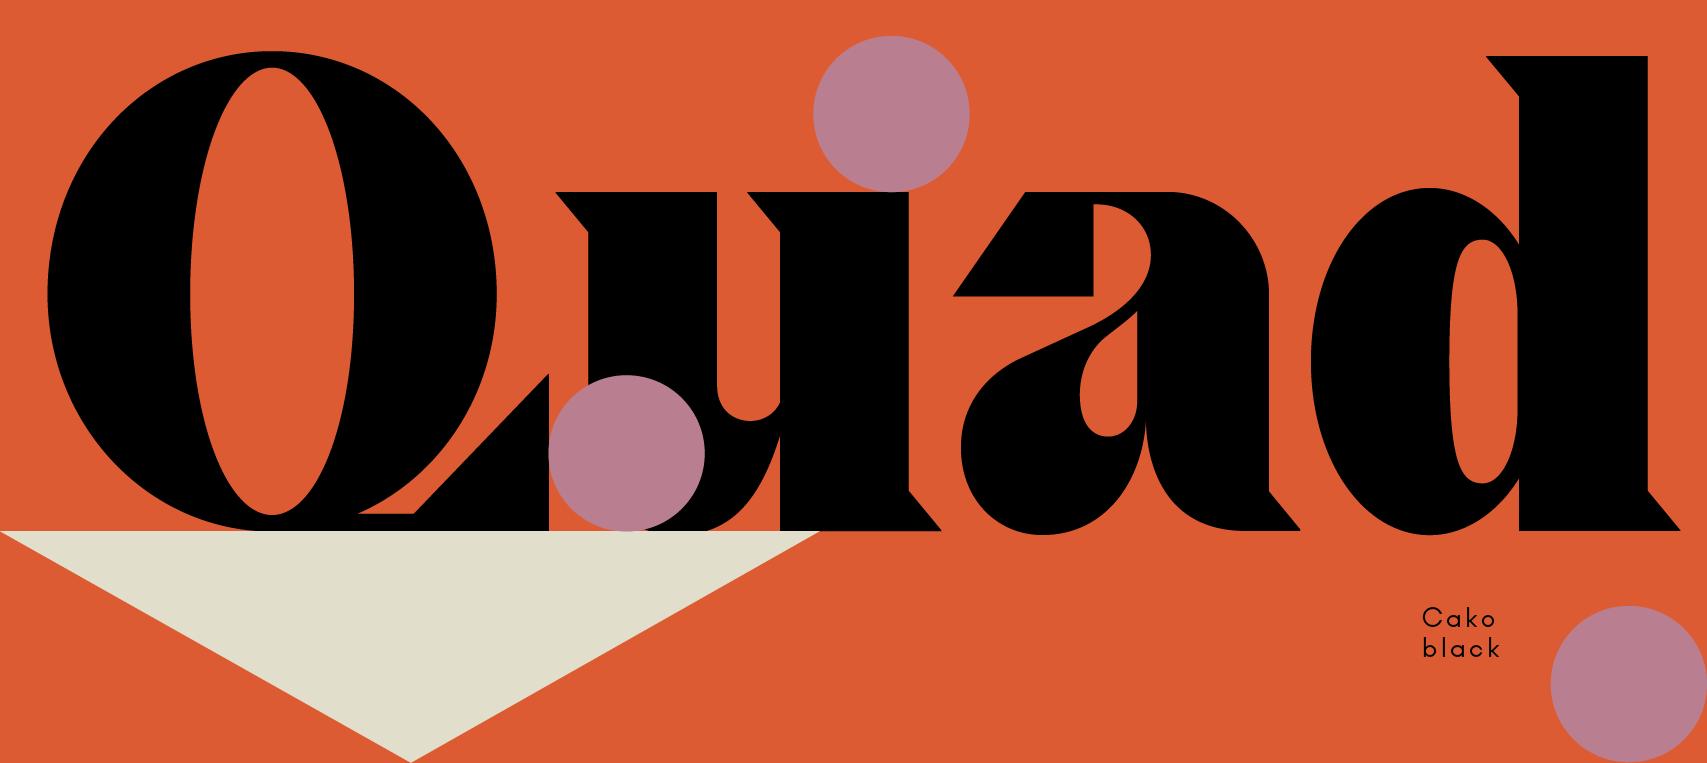 Cako Timeless Retro Font